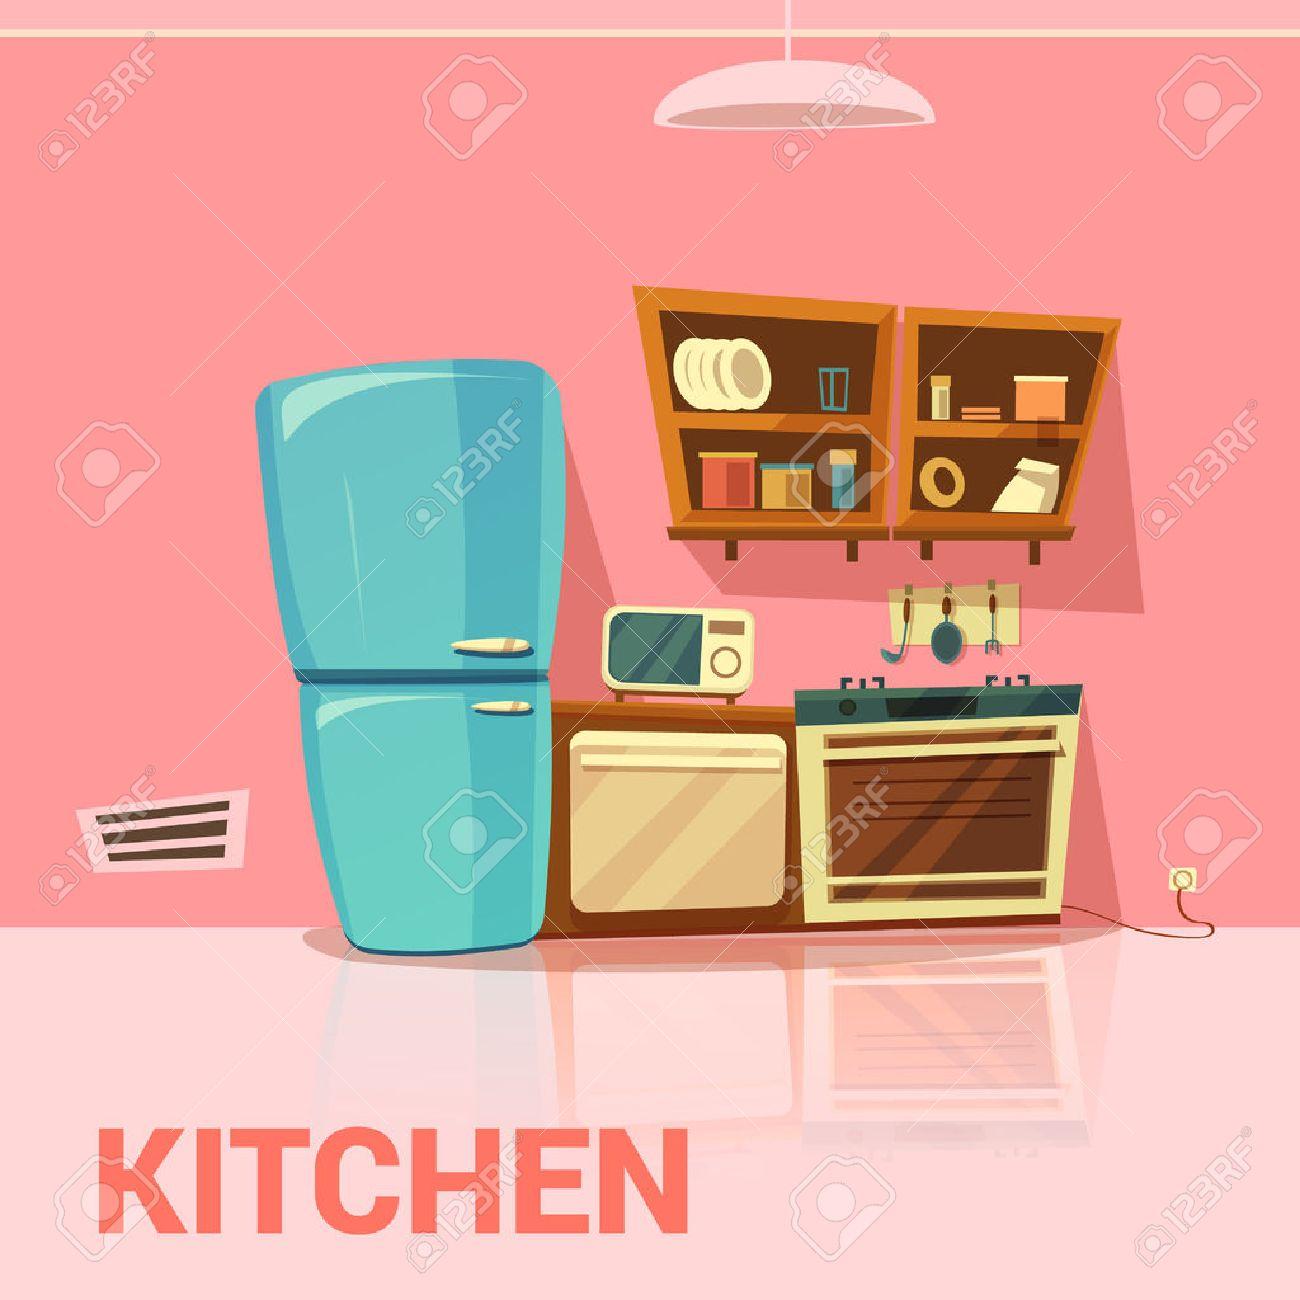 Küche Retro-Design Mit Kühlschrank Mikrowelle Und Herd Cartoon ...